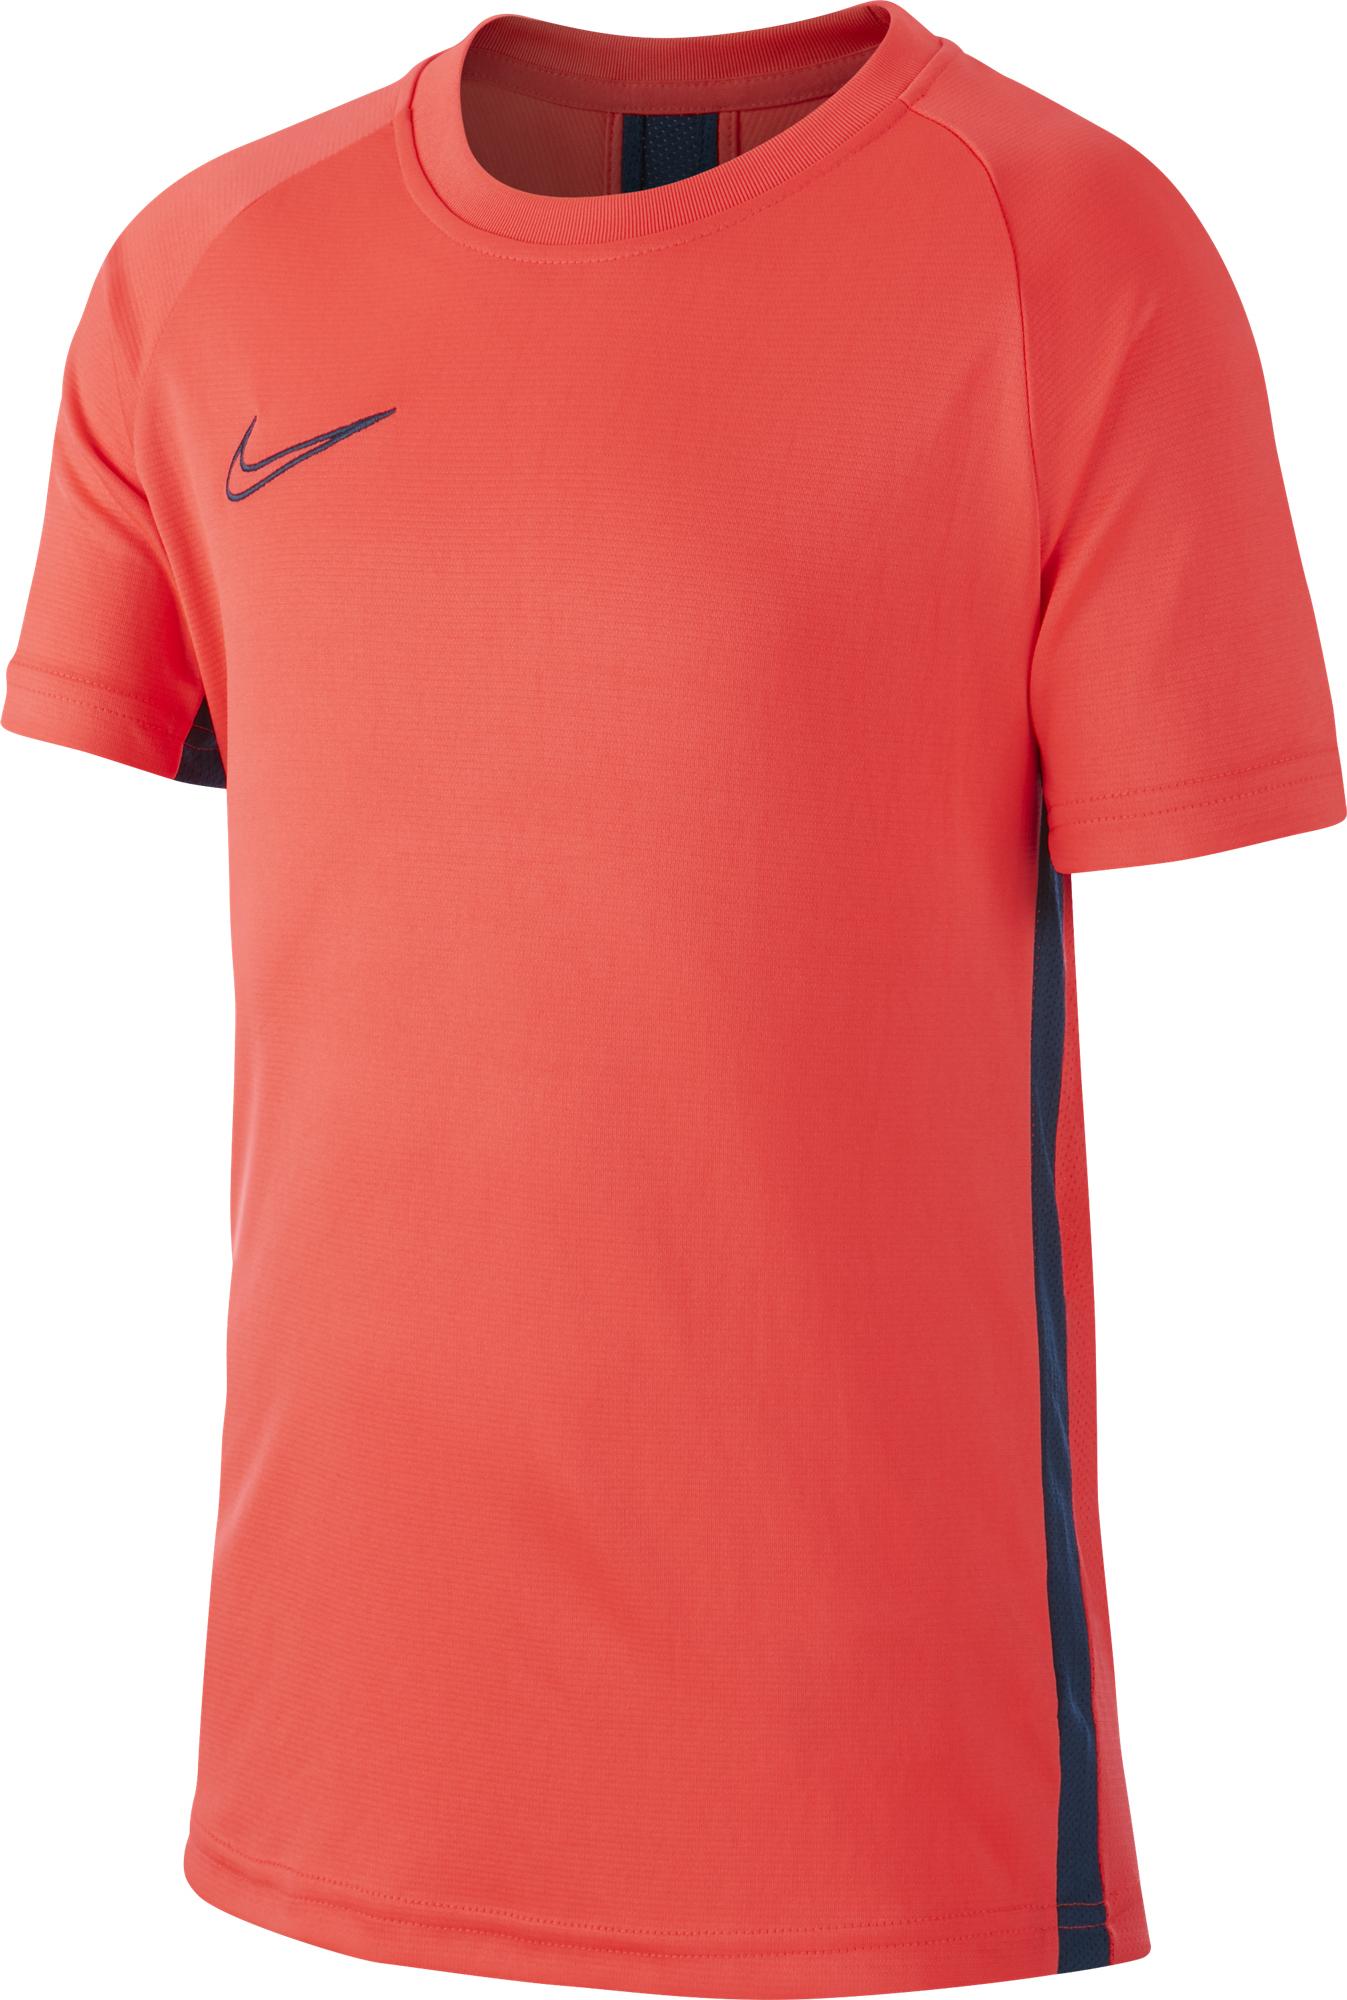 Nike Футболка для мальчиков Nike Dri-FIT Academy, размер 158-170